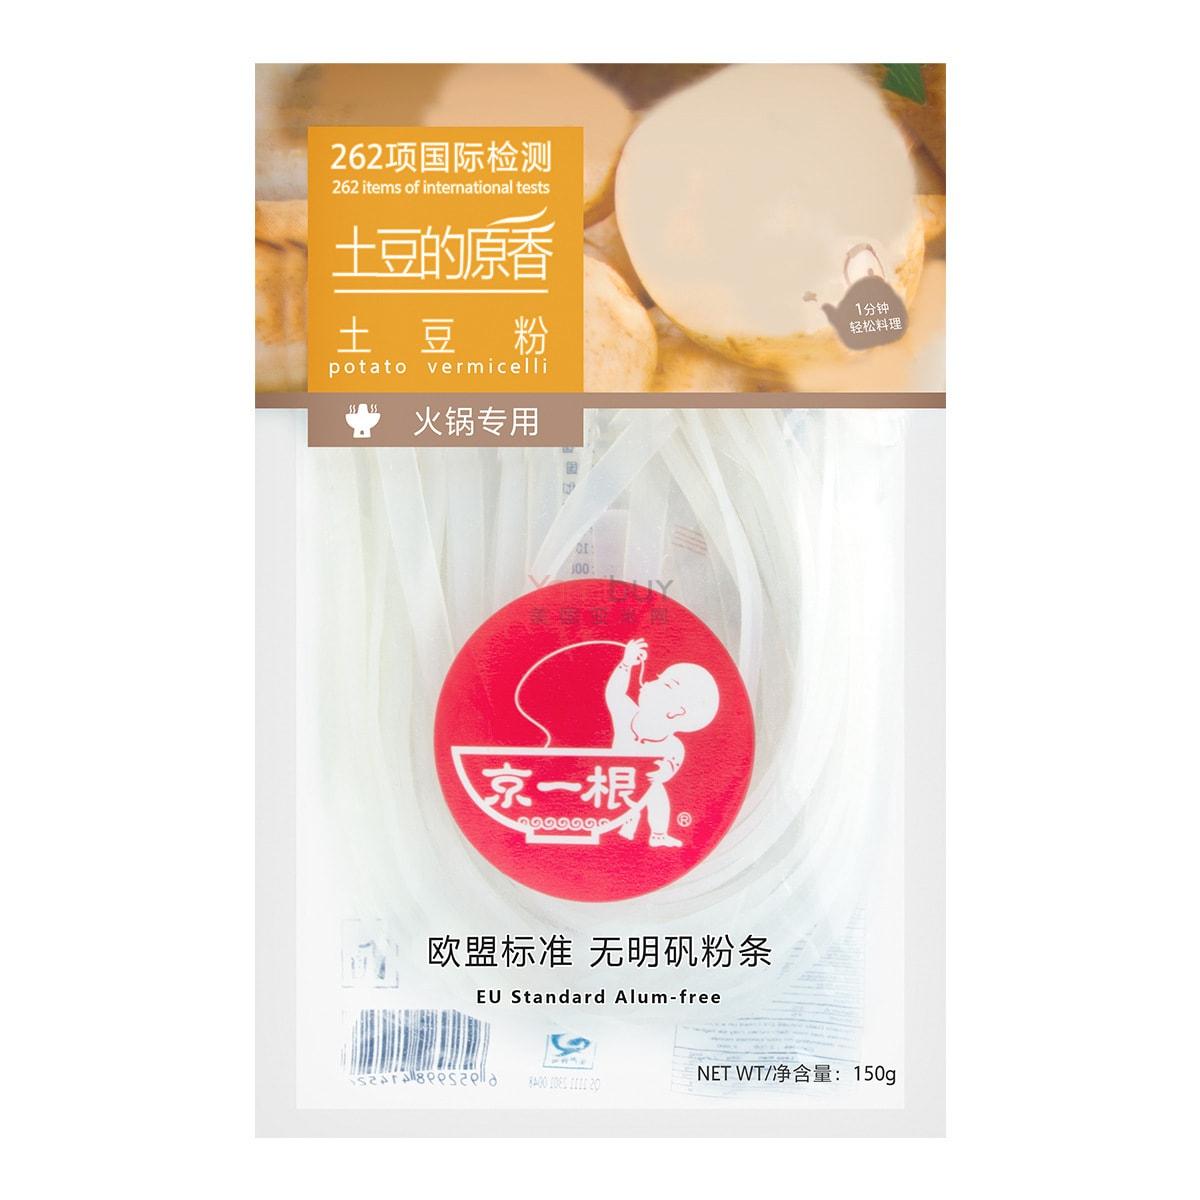 京一根 火锅专用土豆粉 150g